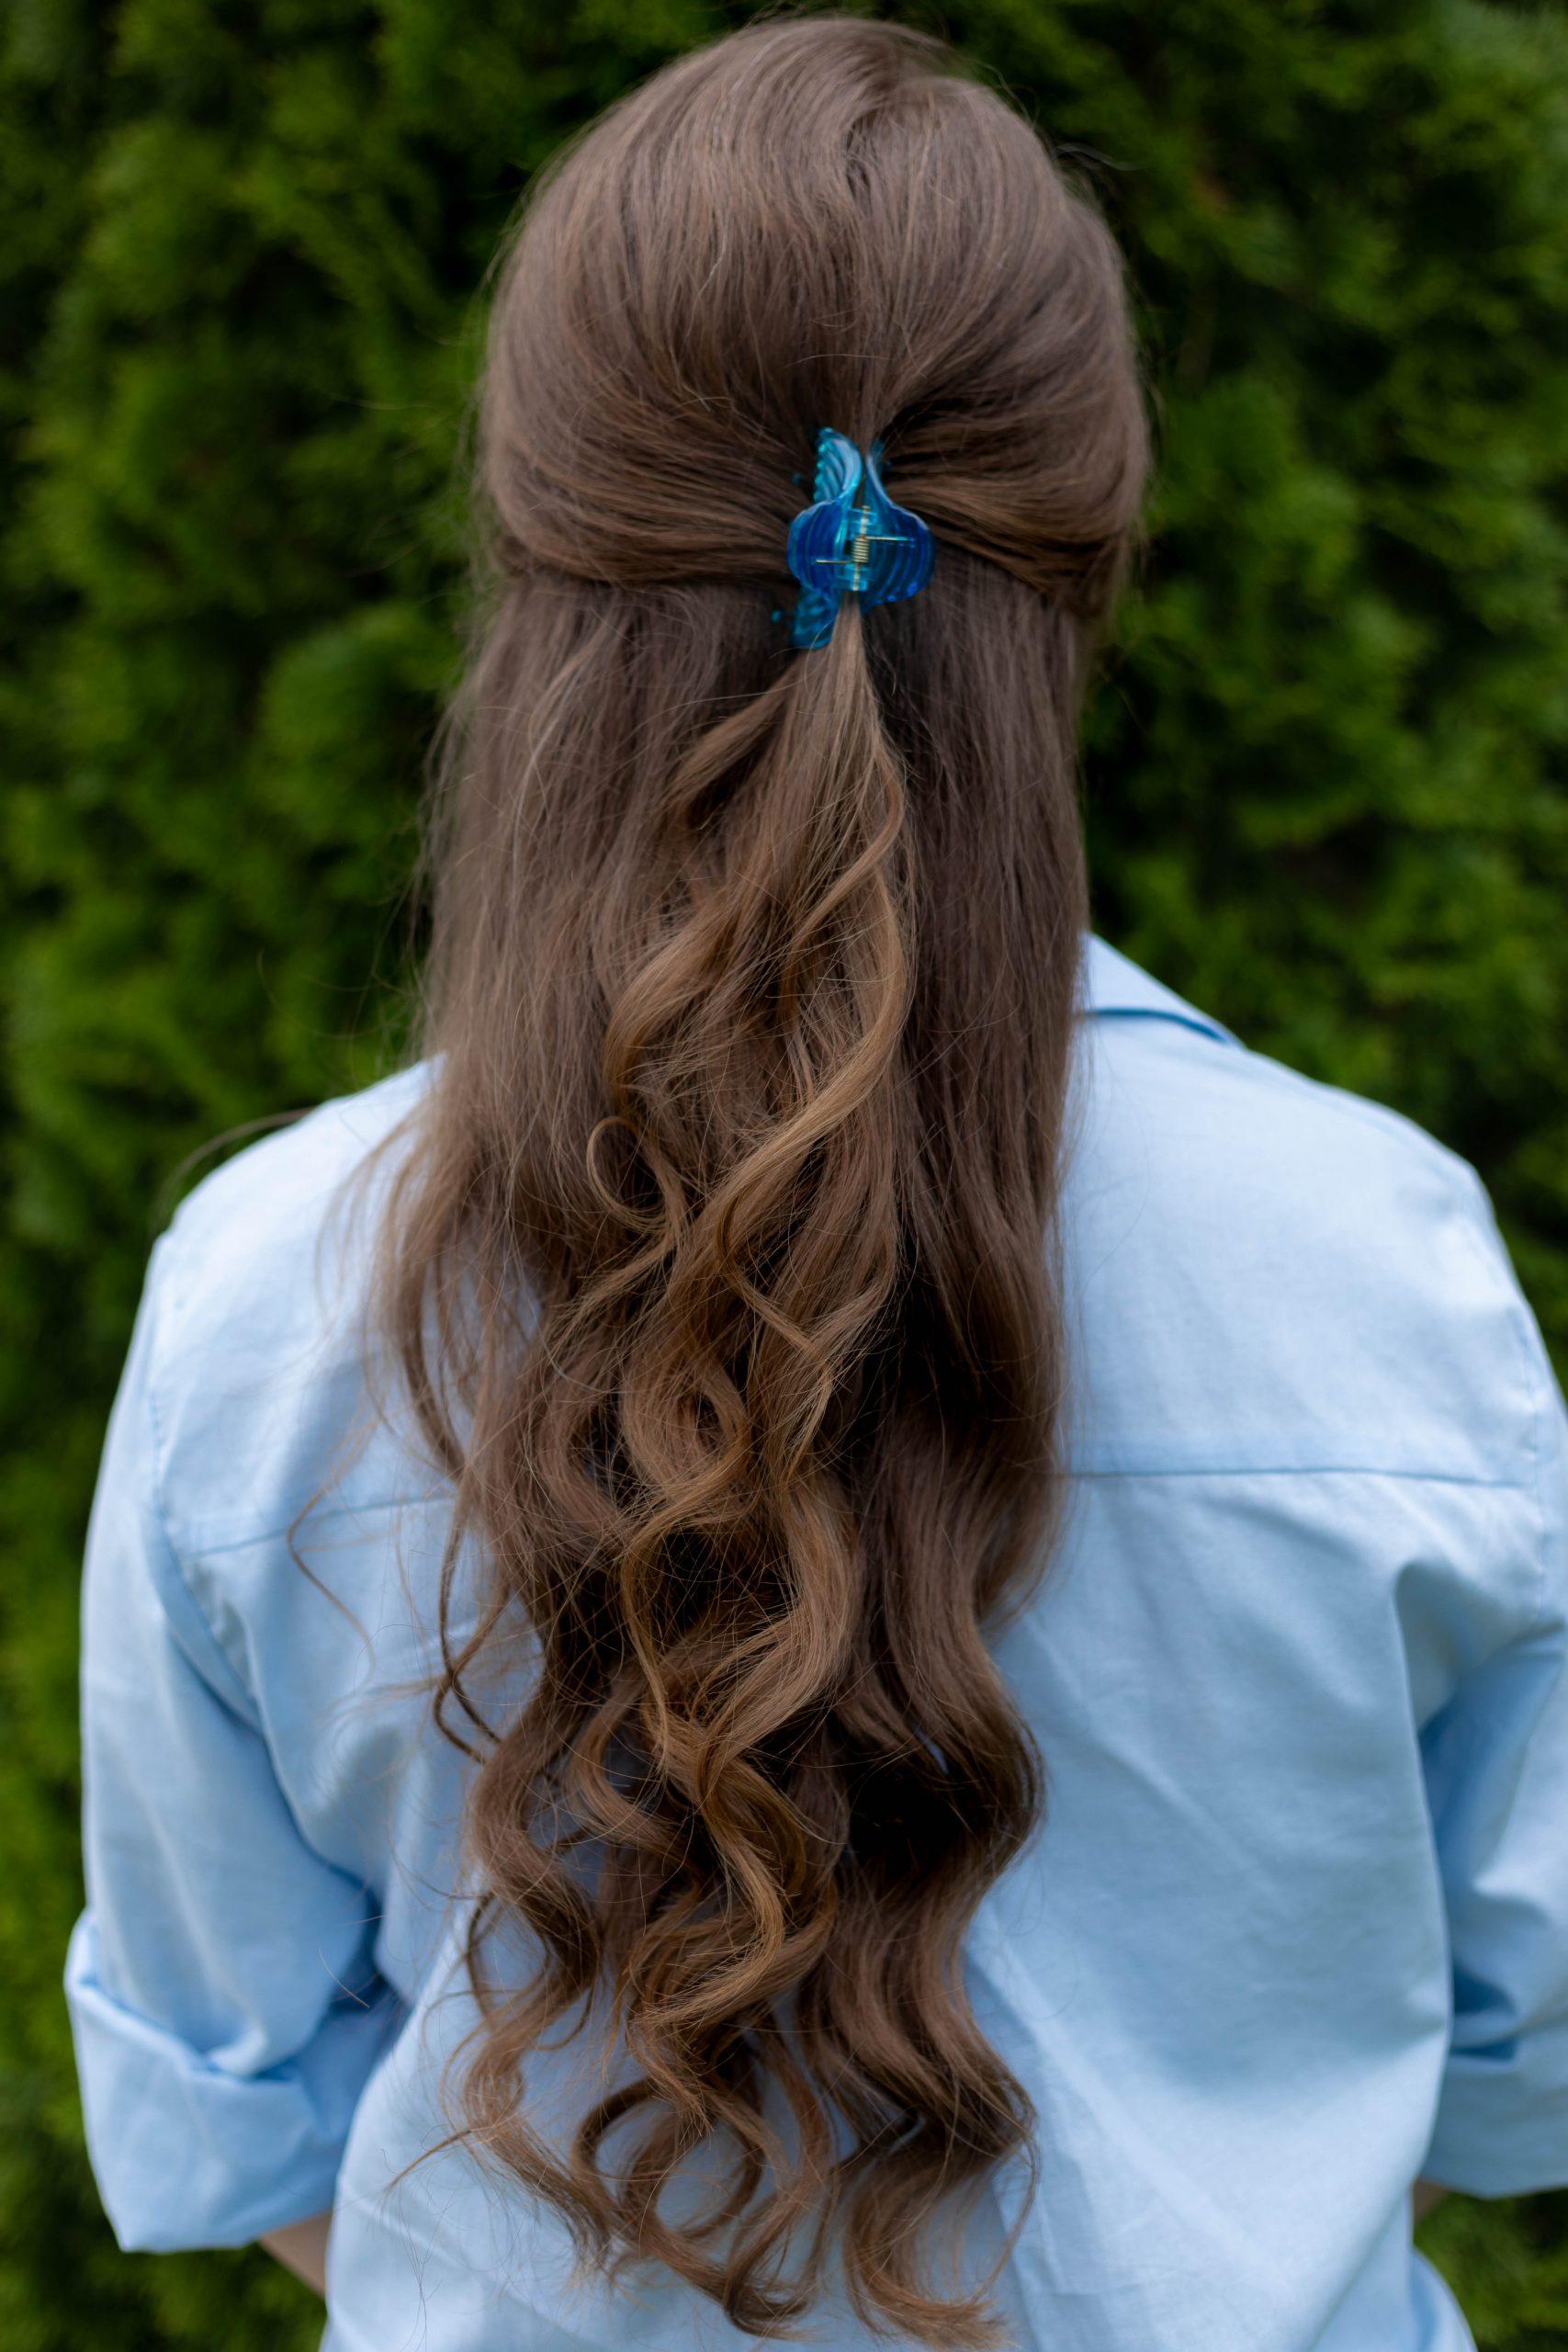 Curly Hair and Valet Acrylic Hair Clip Styled by Annie Fairfax